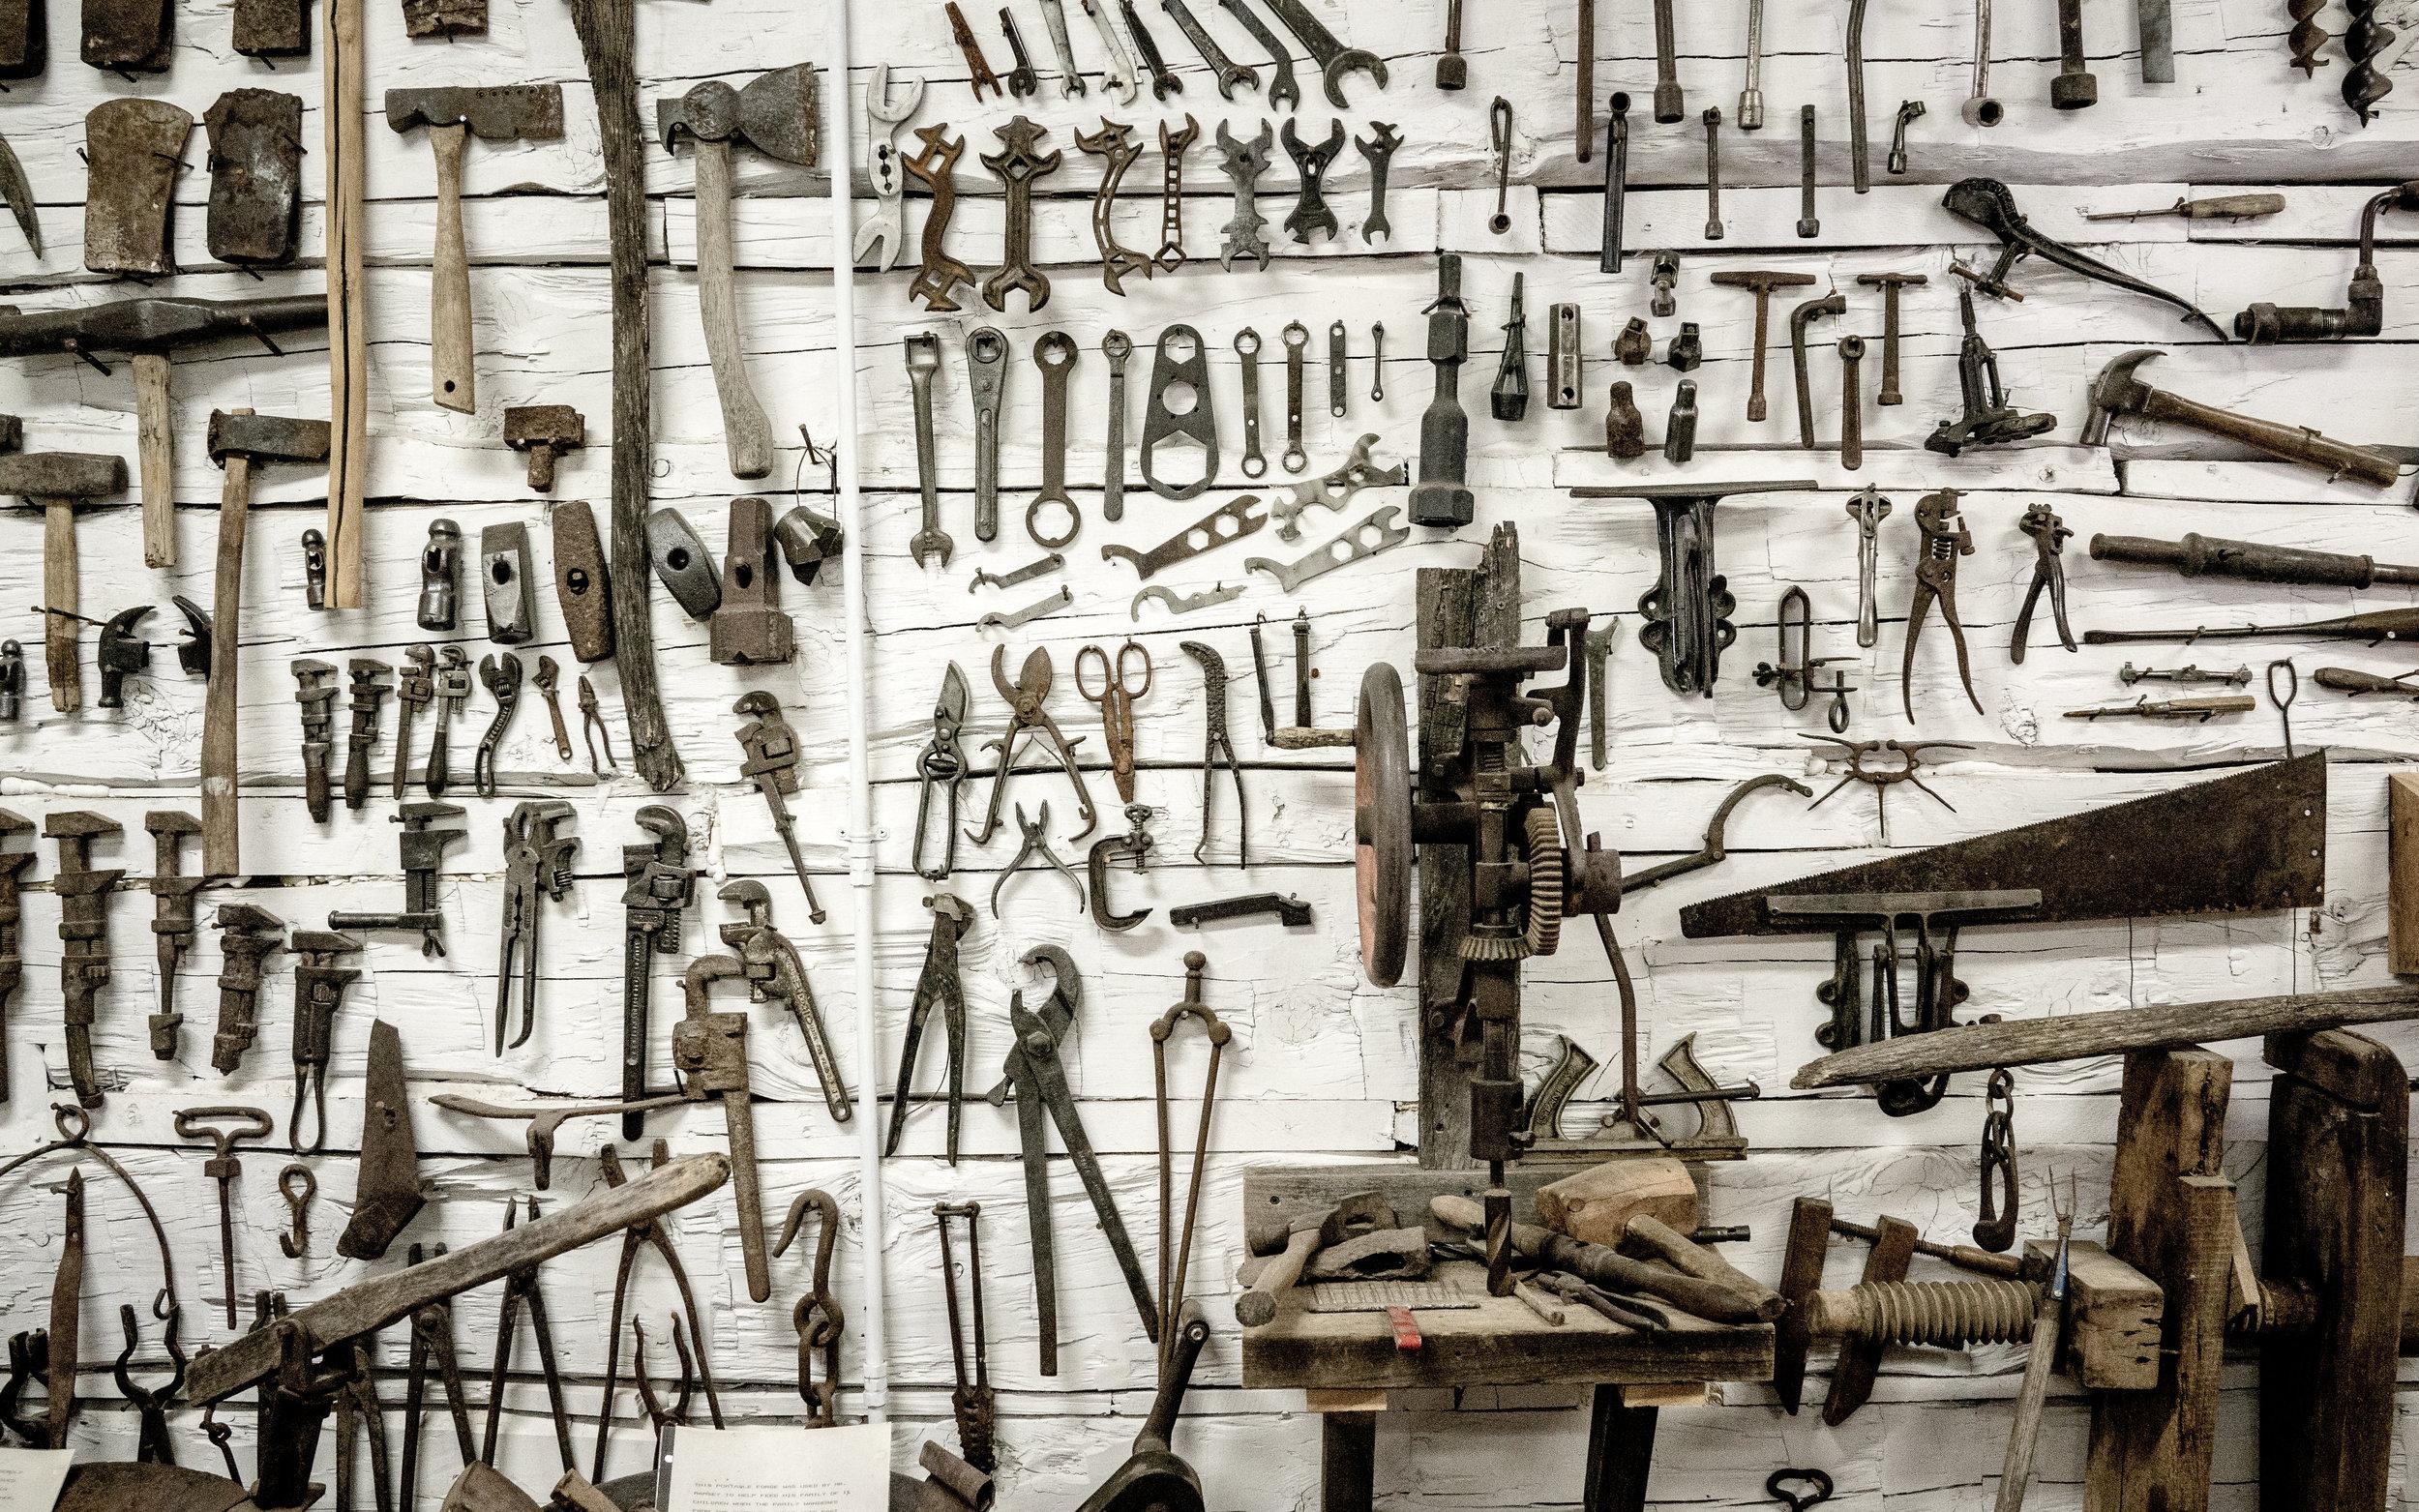 wall of tools.jpeg